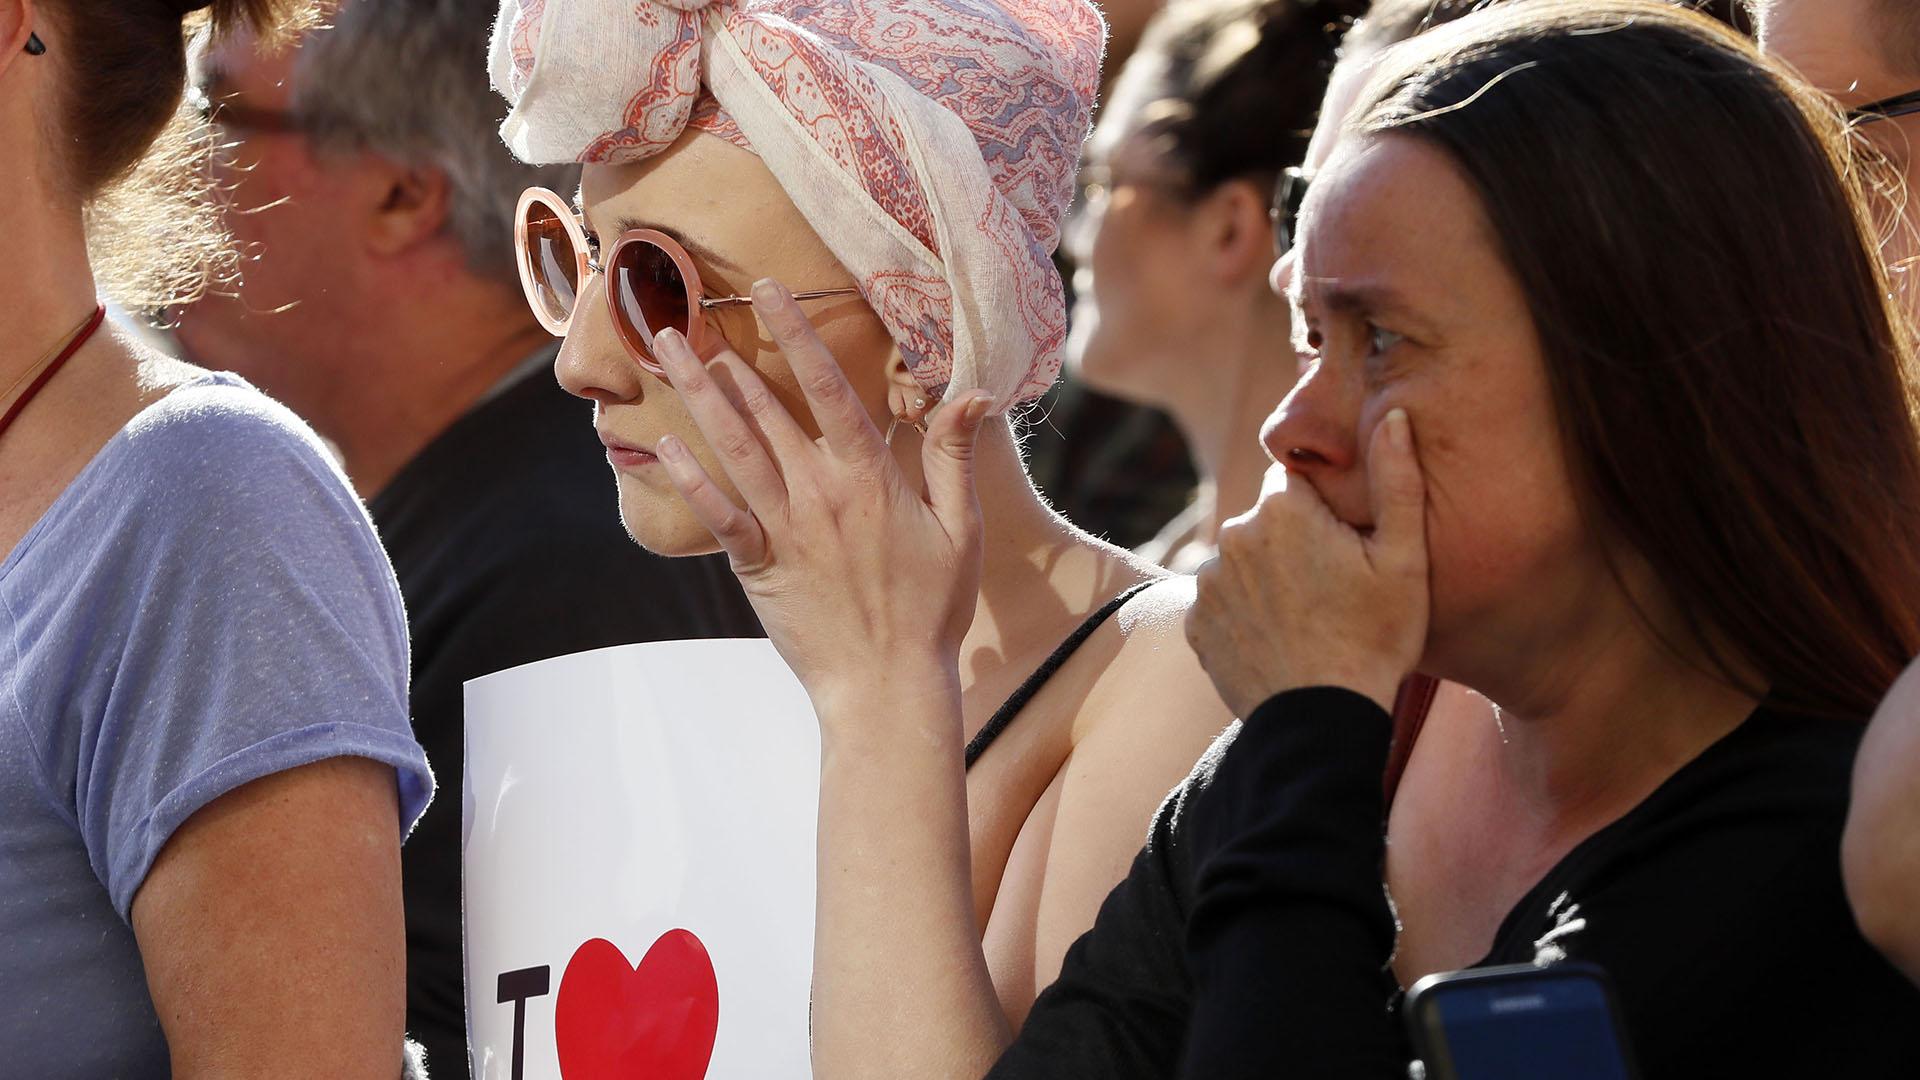 Llanto y conmoción en los rostros de dos mujeres durante la multitudinaria vigilia (AP)